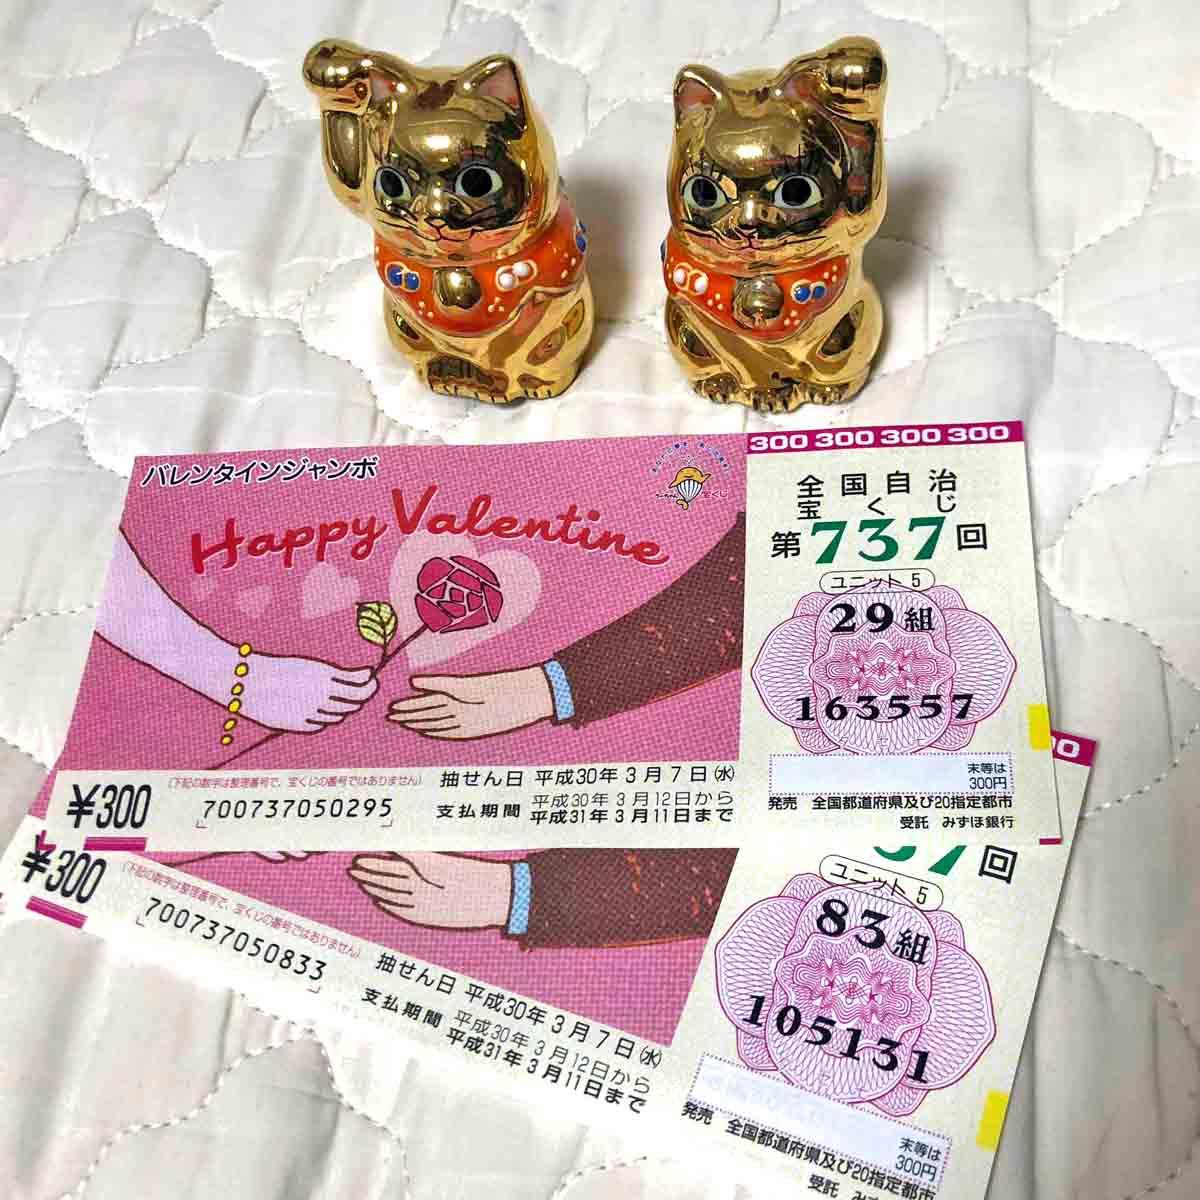 「開運グッズ」をそろえて宝くじ買ったら、当せん番号見て驚いた!!